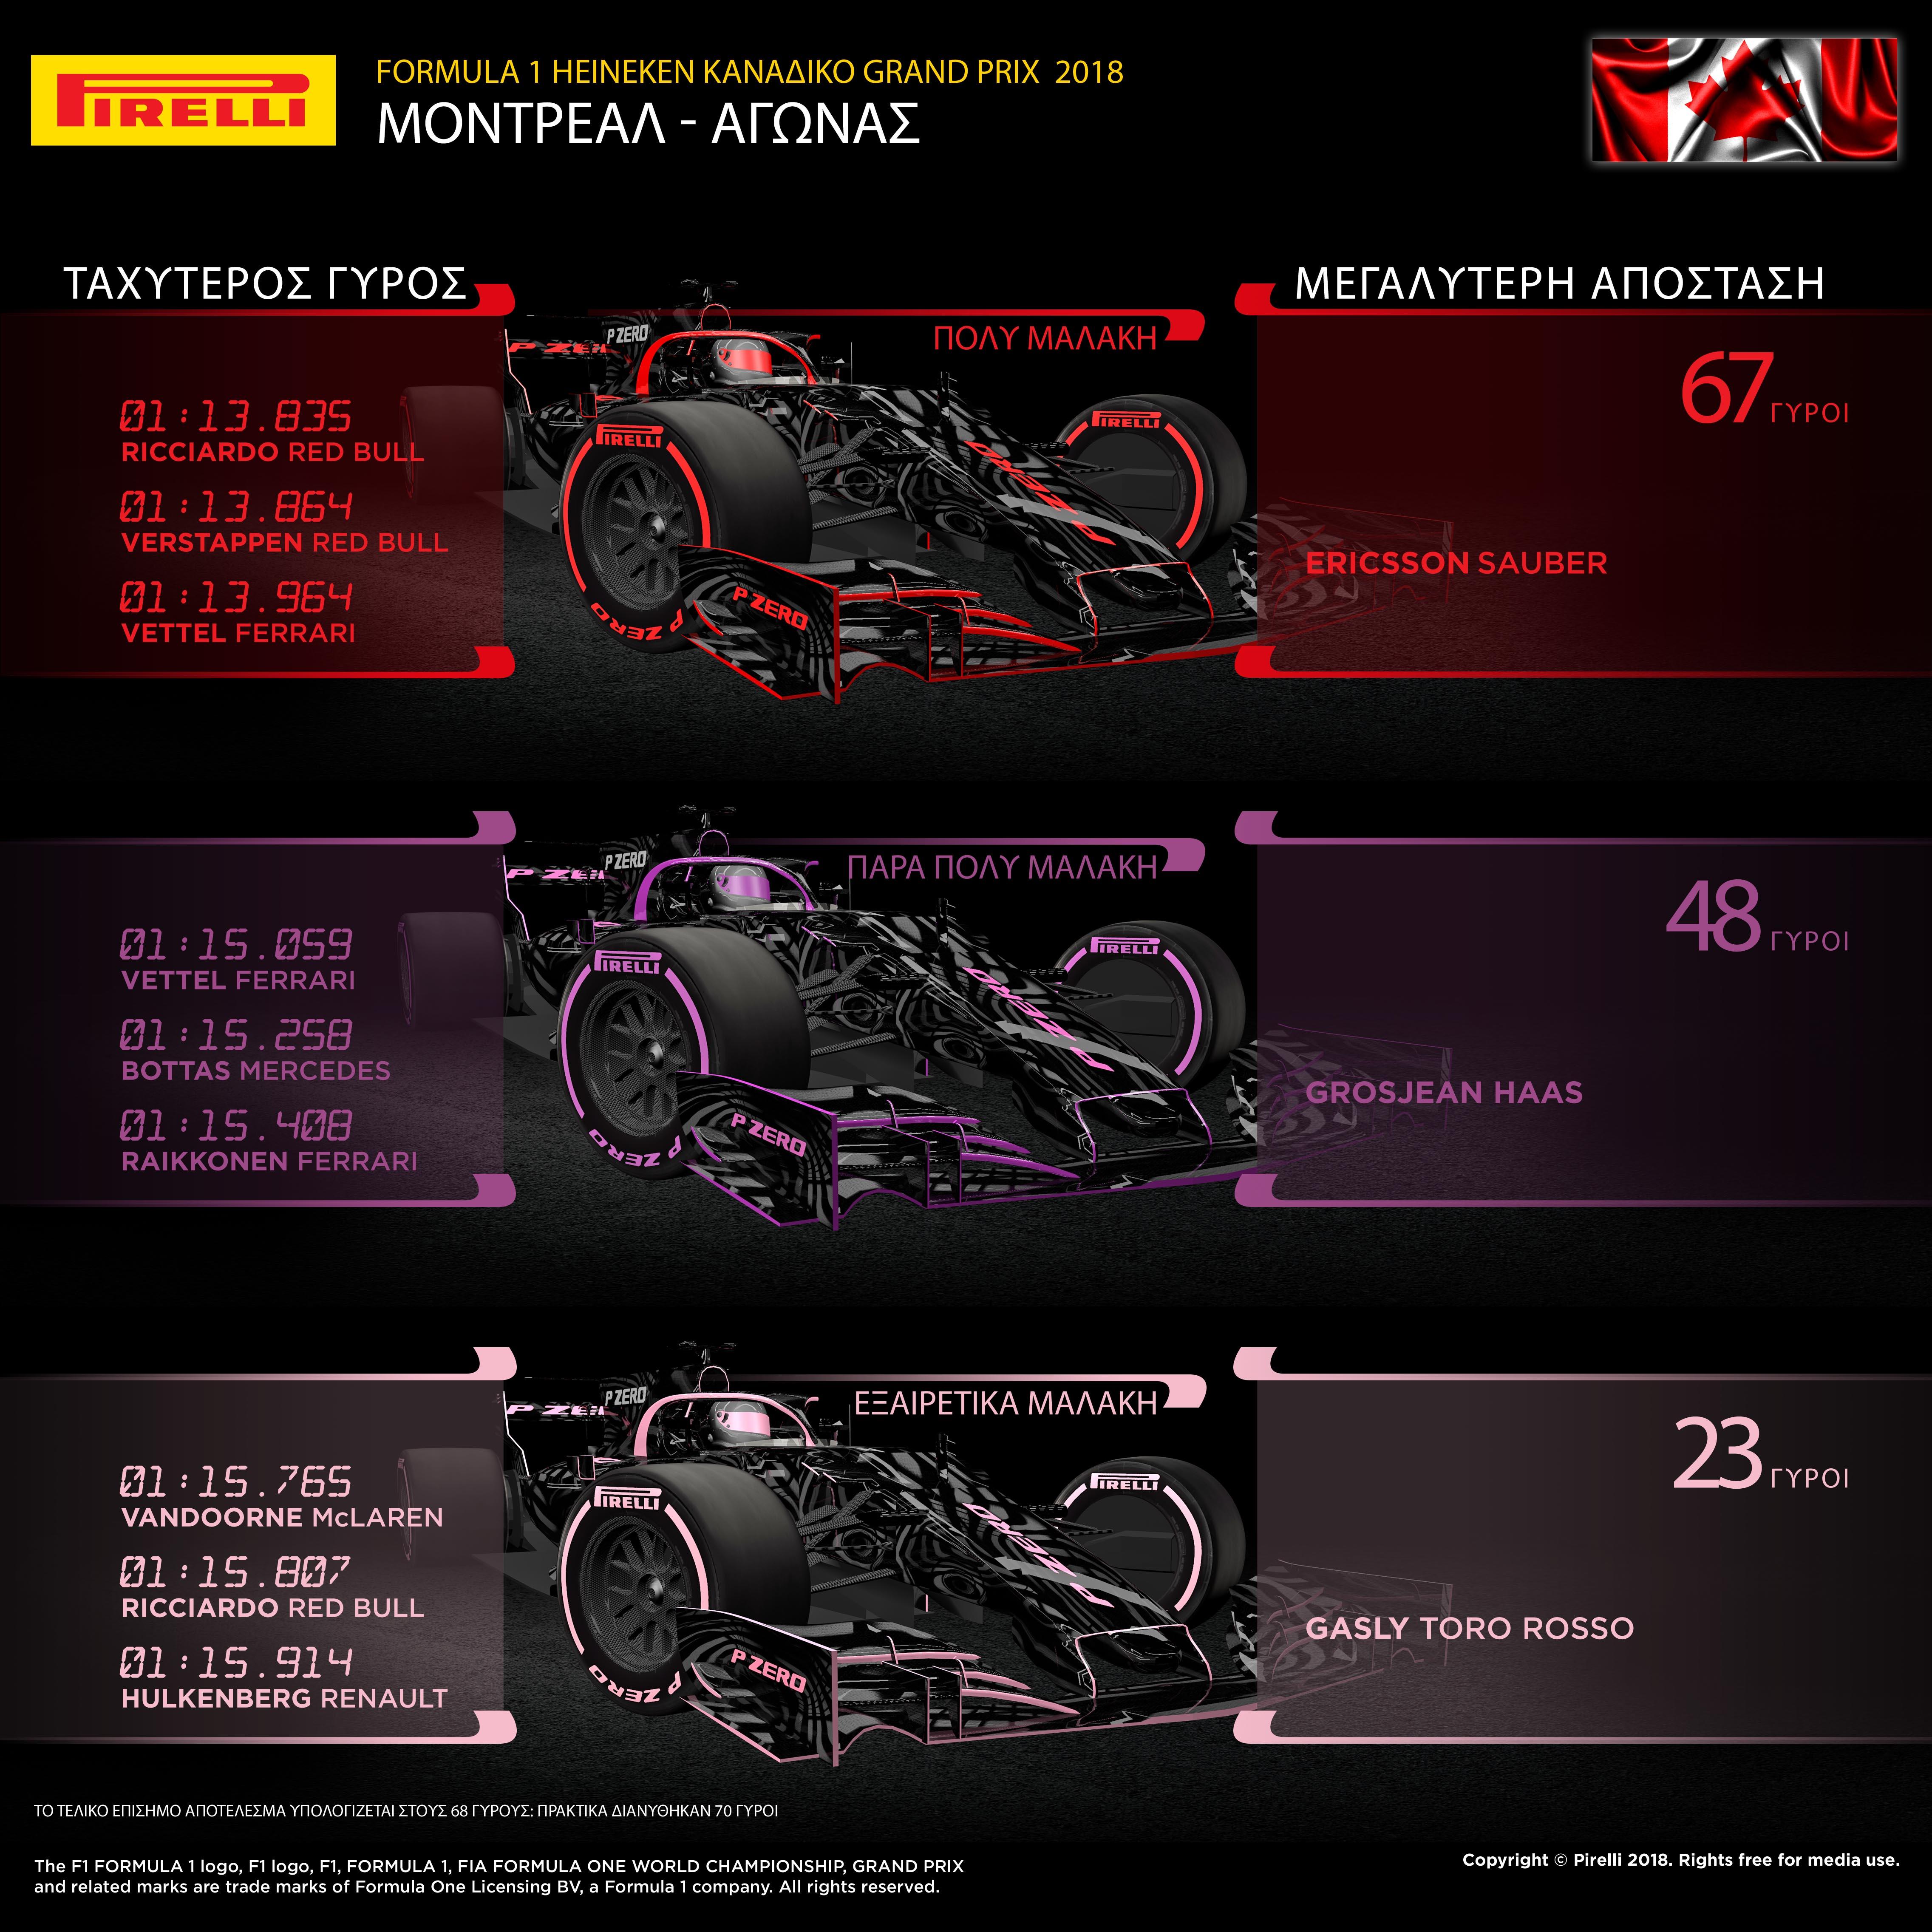 Στο Μόντρεαλ εφαρμόστηκε ένα μείγμα διαφορετικών στρατηγικών για τα ελαστικά. Στο βάθρο ανέβηκαν τρεις διαφορετικές ομάδες, μεταξύ των οποίων υπήρξαν δυο διαφορετικές φιλοσοφίες στρατηγικής. Τόσο ο νικητής του αγώνα για λογαριασμό της Ferrari, Sebastian Vettel όσο και ο Valtteri Bottas που τερμάτισε 2ος για λογαριασμό της Mercedes, εκκίνησαν με την πάρα πολύ μαλακή γόμα και μετά έβαλαν την πολύ μαλακή περίπου την ίδια στιγμή. Οι δυο οδηγοί της Red Bull που τερμάτισαν στην 3η και 4η θέση ακολούθησαν αντίθετη πορεία. Συμπλήρωσαν ένα μικρό πρώτο μέρος με την εξαιρετικά μαλακή γόμα και μετά έβαλαν την πολύ μαλακή γόμα και πήγαν ως τον τερματισμό. Ενόσω οι πρωτοπόροι της κούρσας μάχονταν για θέση, η στιγμή της αλλαγής ελαστικών ήταν ένας σημαντικός παράγοντας. Πολλοί οδηγοί επιχείρησαν παράκαμψη (undercut) μπαίνοντας νωρίτερα στα πιτ σε μια αμφίρροπη μάχη στρατηγικής. Ο οδηγός της Haas, Romain Grosjean εκκίνησε τελευταίος καθώς αντιμετώπισε πρόβλημα στις κατατακτήριες δοκιμές. Πραγματοποίησε ένα υπερβολικά μεγάλο πρώτο μέρος με την πάρα πολύ μαλακή γόμα προτού βάλει τη πολύ μαλακή και τερματίσει τελικά οριακά εκτός βαθμών. MARIO ISOLA - ΕΠΙΚΕΦΑΛΗΣ ΑΓΩΝΩΝ ΑΥΤΟΚΙΝΗΤΟΥ «Η στρατηγική σε μεγάλο βαθμό υπαγορεύτηκε από το αποτέλεσμα των κατατακτήριων δοκιμών. Η παρουσία του αυτοκινήτου ασφαλείας στην αρχή διασφάλισε τη δυνατότητα να ολοκληρωθεί ο αγώνας με μια αλλαγή ελαστικών. Αυτό ήταν εφικτό λόγω της χαμηλής φθοράς και θερμικής καταπόνησης που γενικά είδαμε σ' αυτή την πίστα. Όλες οι διαθέσιμες γόμες χρησιμοποιήθηκαν εκτενώς κατά τη διάρκεια του αγώνα. Υπήρξε διαφορετικός τρόπος σκέψης, όσον αφορά στη στρατηγική, σε όλο το grid. Ένας αριθμός οδηγών με χαρακτηριστικά παραδείγματα το Daniel Ricciardo της Red Bull, αλλά και τον Romain Grosjean της Haas, αξιοποίησαν τη στρατηγική για να κερδίσουν θέσεις στην κατάταξη. Το πρωτάθλημα άλλαξε πάλι τροπή και αυτό το καθιστά ακόμη πιο ενδιαφέρον καθώς οδεύουμε προς έναν τελείως καινούργιο προορισμό, το Πωλ Ρικάρντ της Γαλλίας». ΚΑΛΥΤΕ